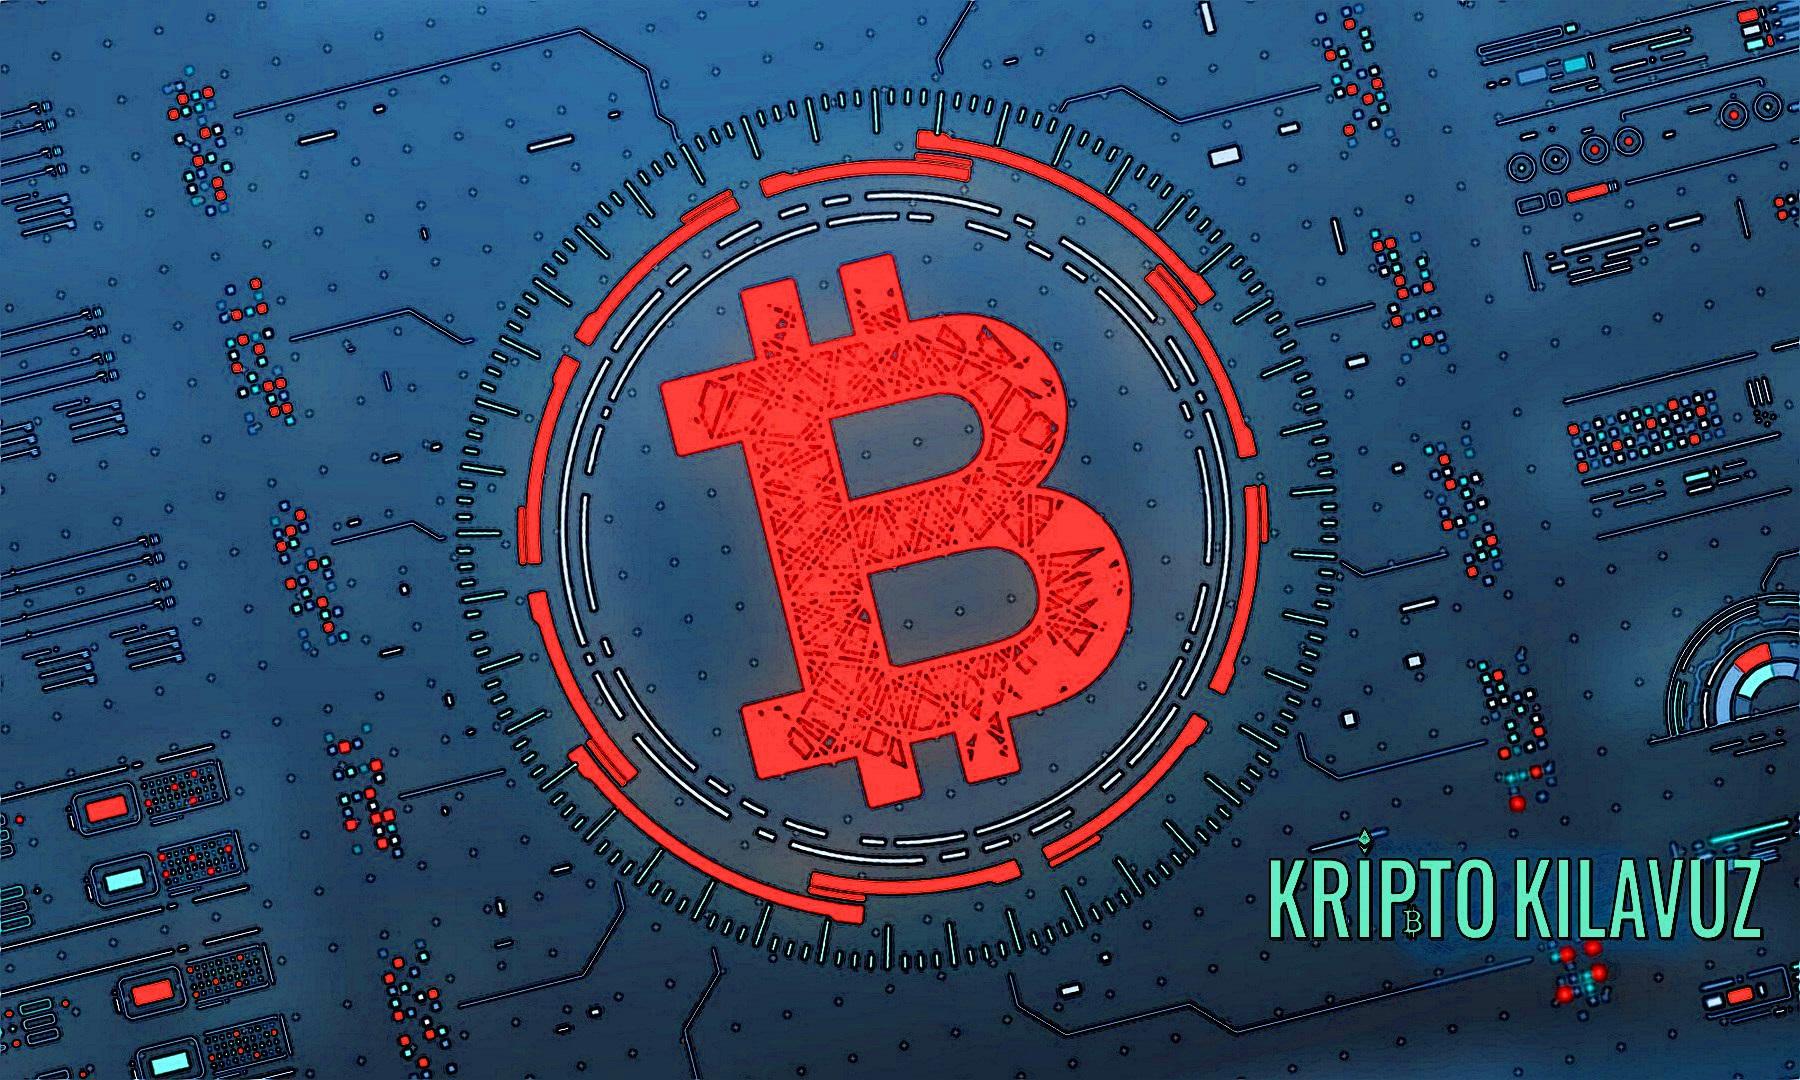 Kore Borsaları Bitcoin'i Artık Dünya Fiyatlarından Daha Ucuz